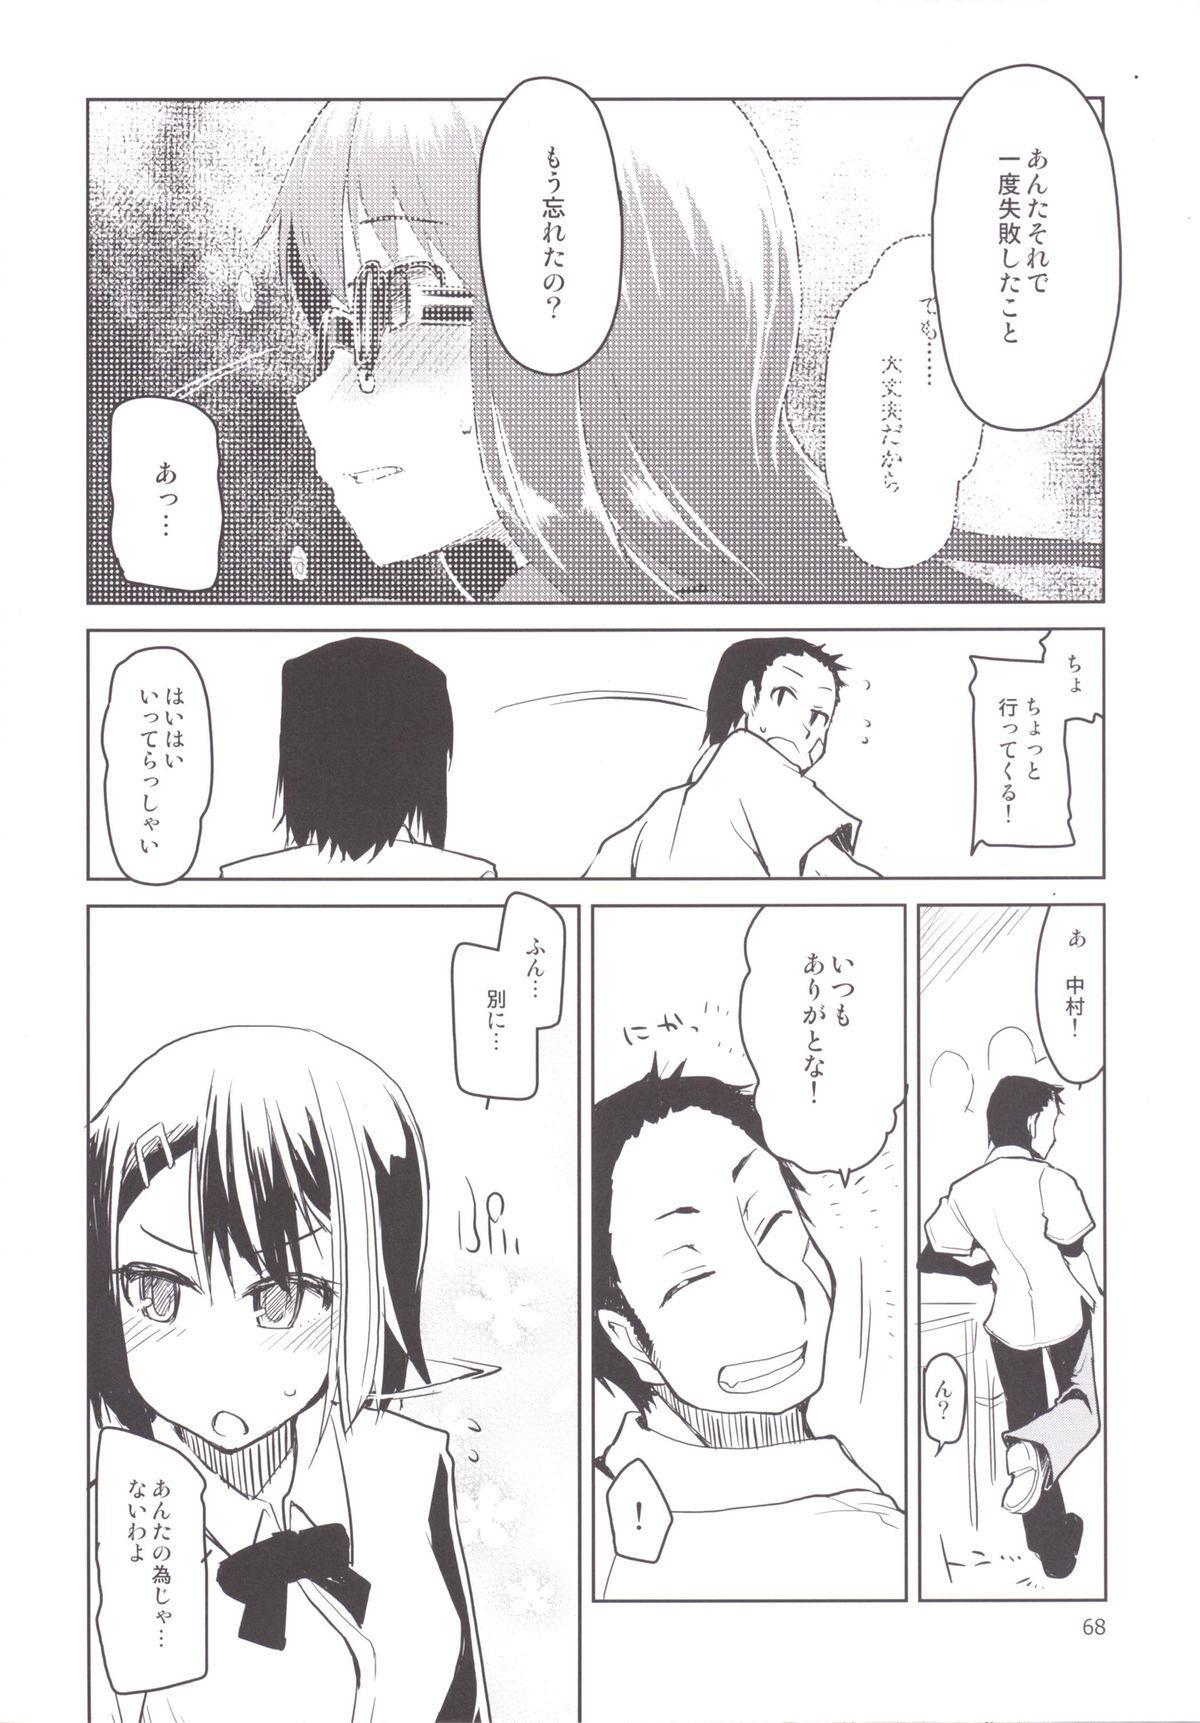 Natsuzuka-san no Himitsu. Soushuuhen Kouhen 83